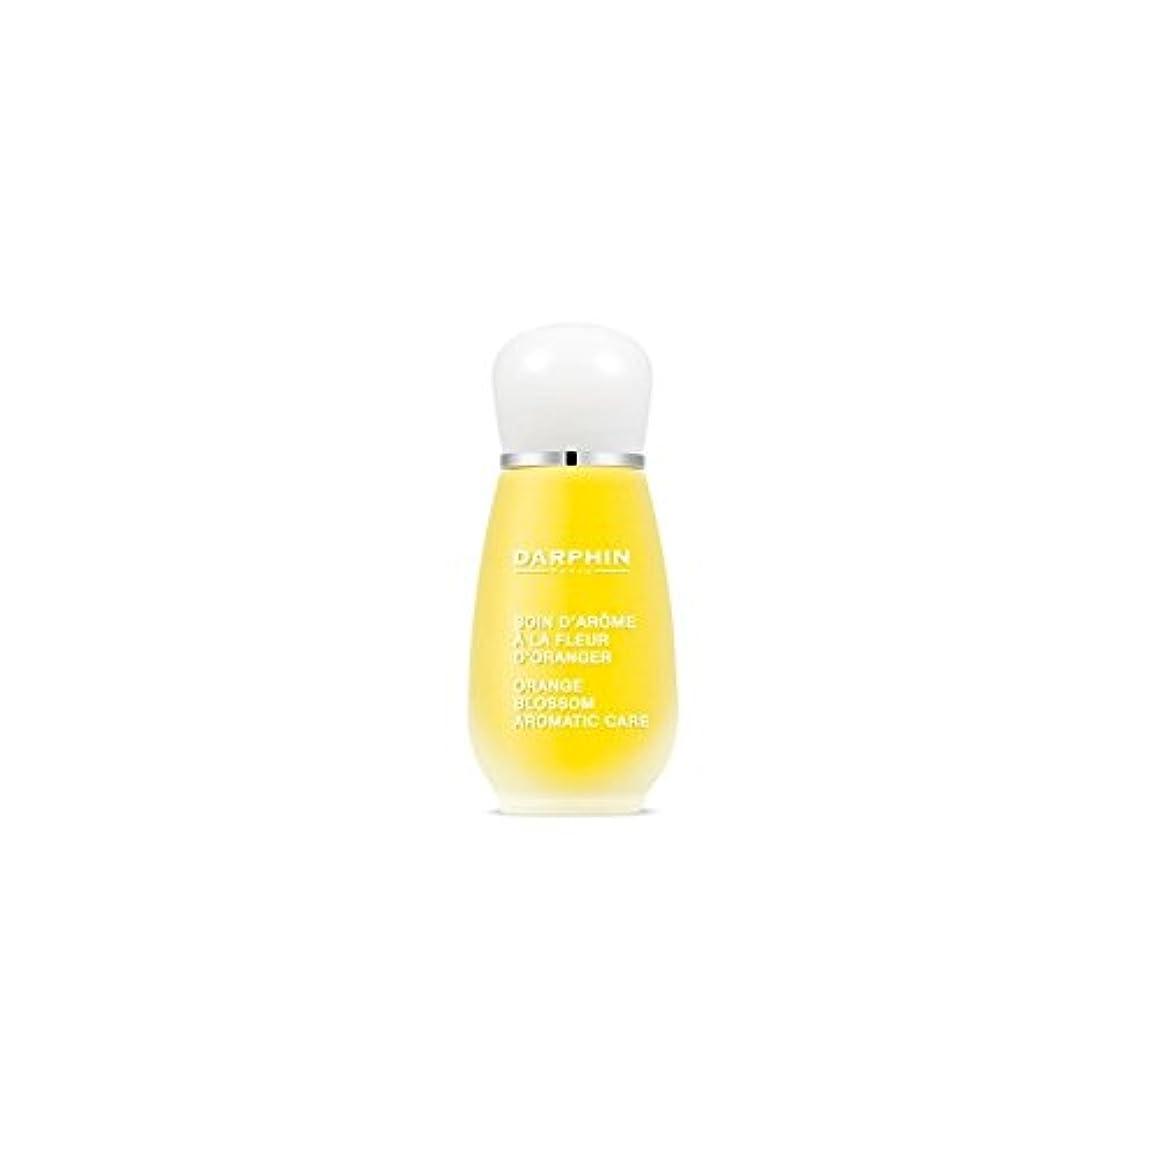 ローブエレメンタル発生するDarphin Orange Blossom Aromatic Care (15ml) - ダルファンオレンジの花の芳香ケア(15ミリリットル) [並行輸入品]